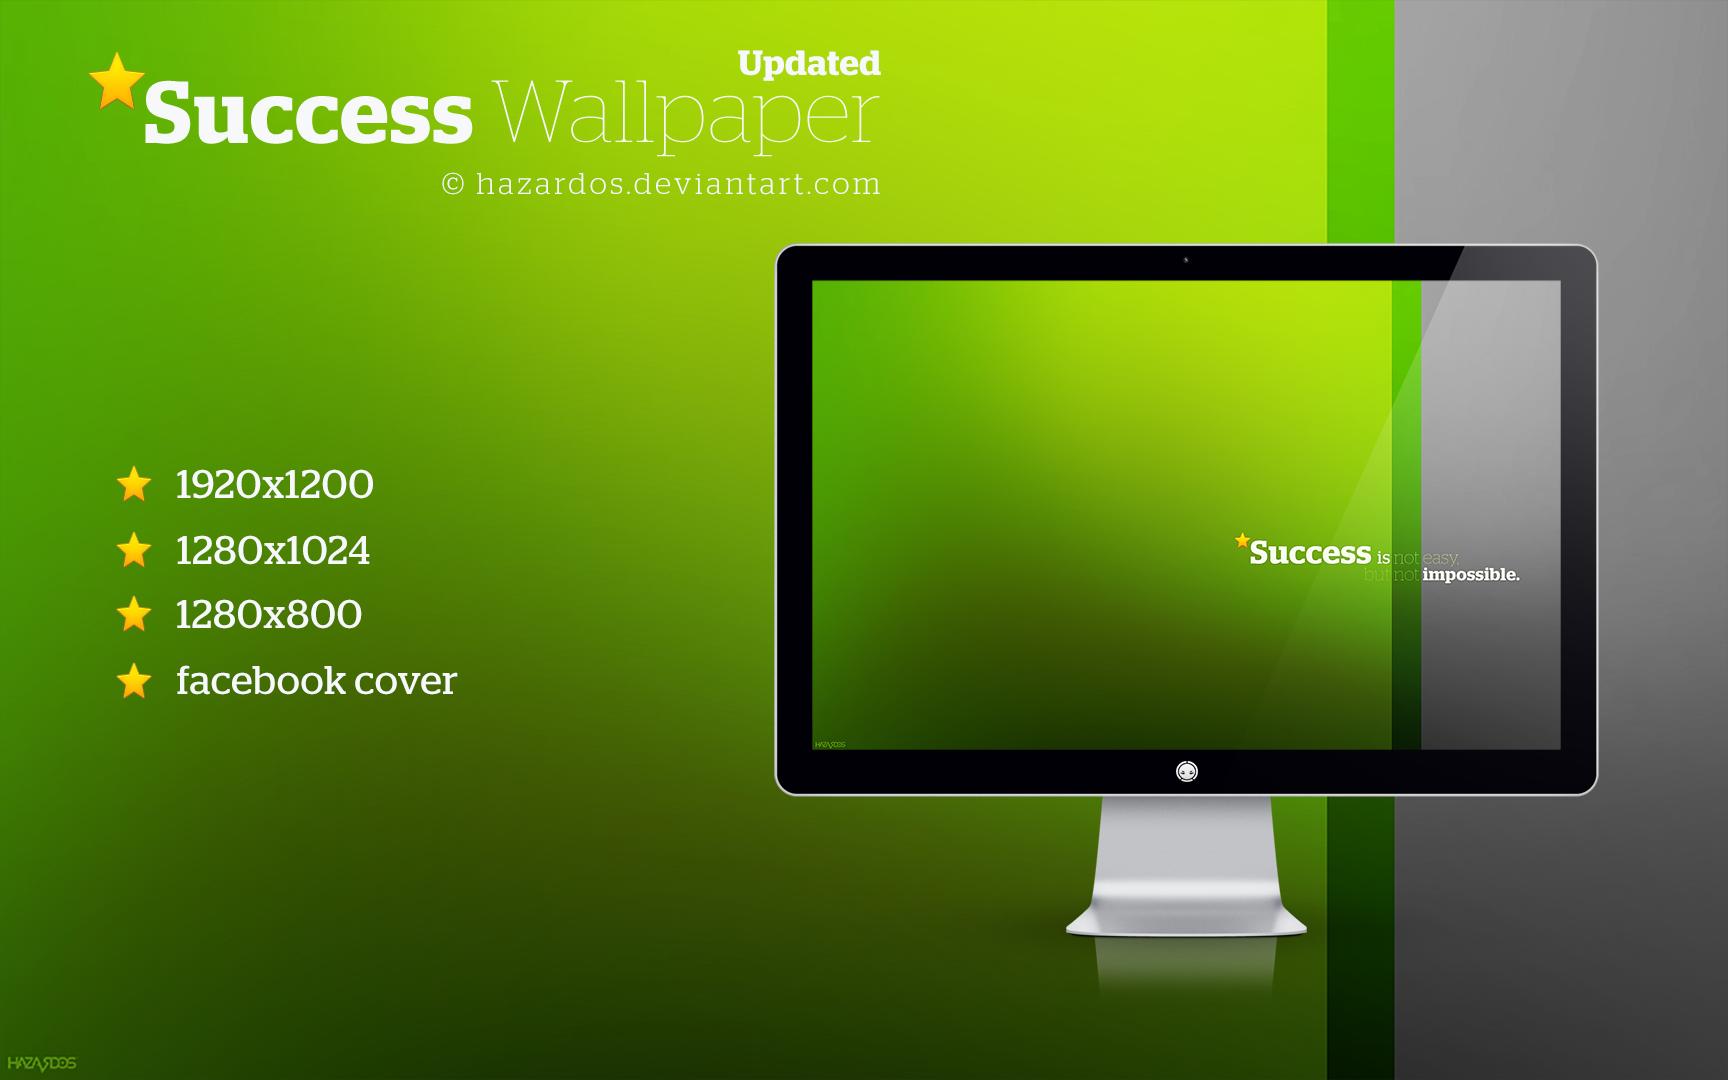 Success Wallpaper (Updated) by HAZARDOS